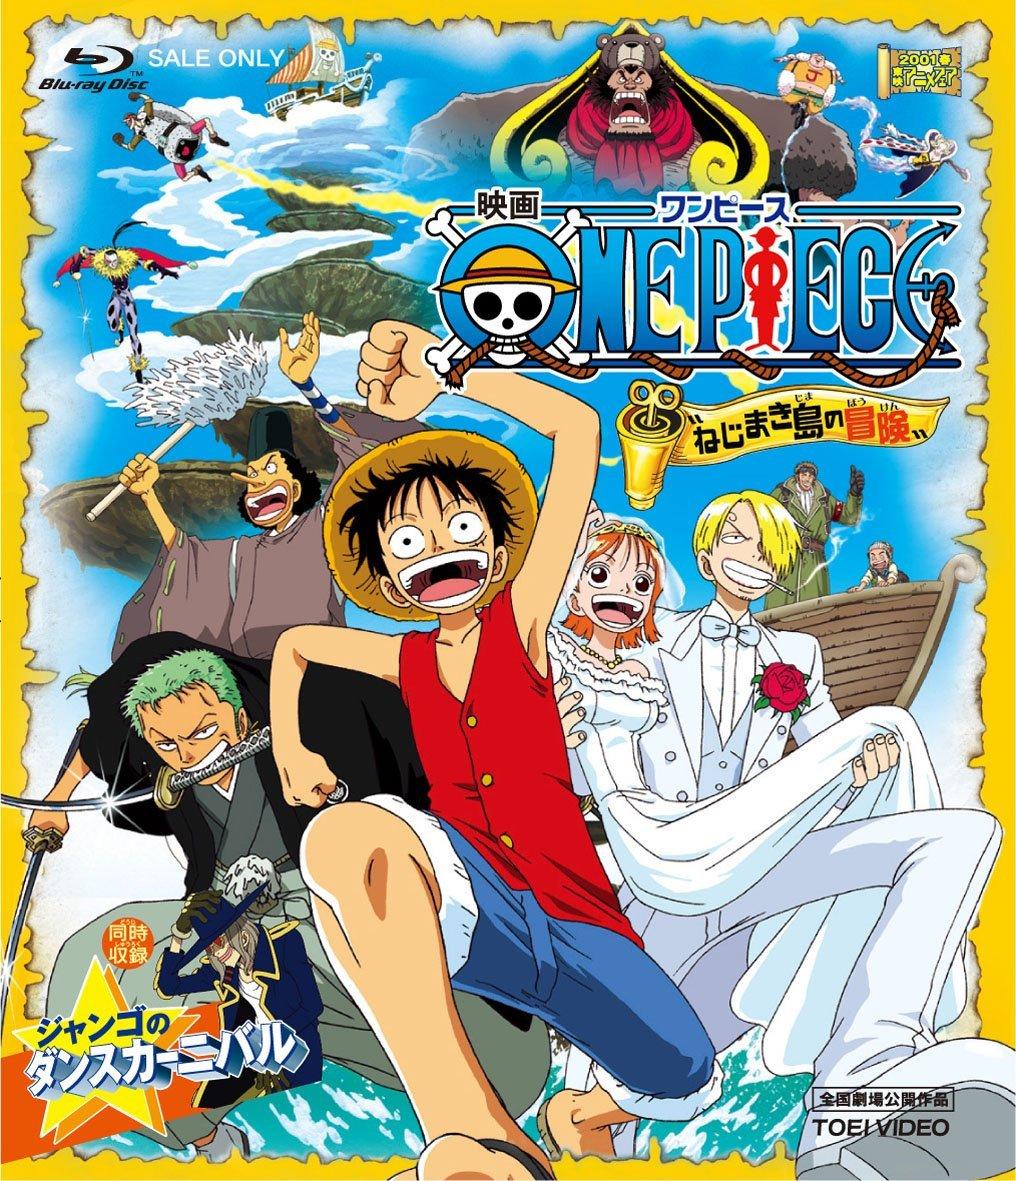 One Piece วันพีช เดอะมูฟวี่ 2 – การผจญภัยบนเกาะแห่งฟันเฟือง (ซับไทย)